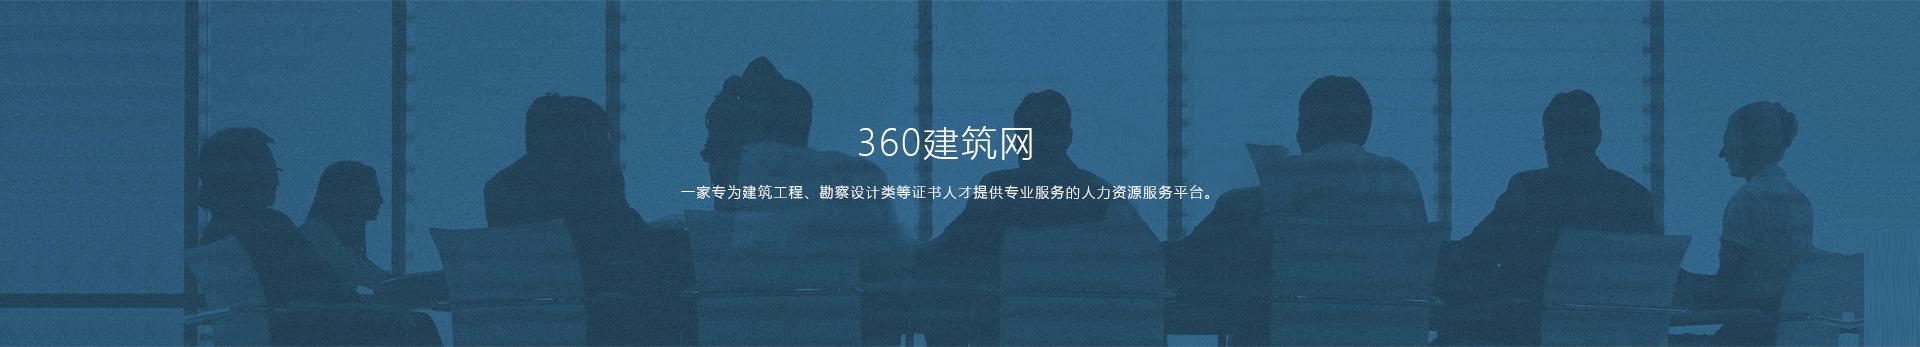 360建筑网